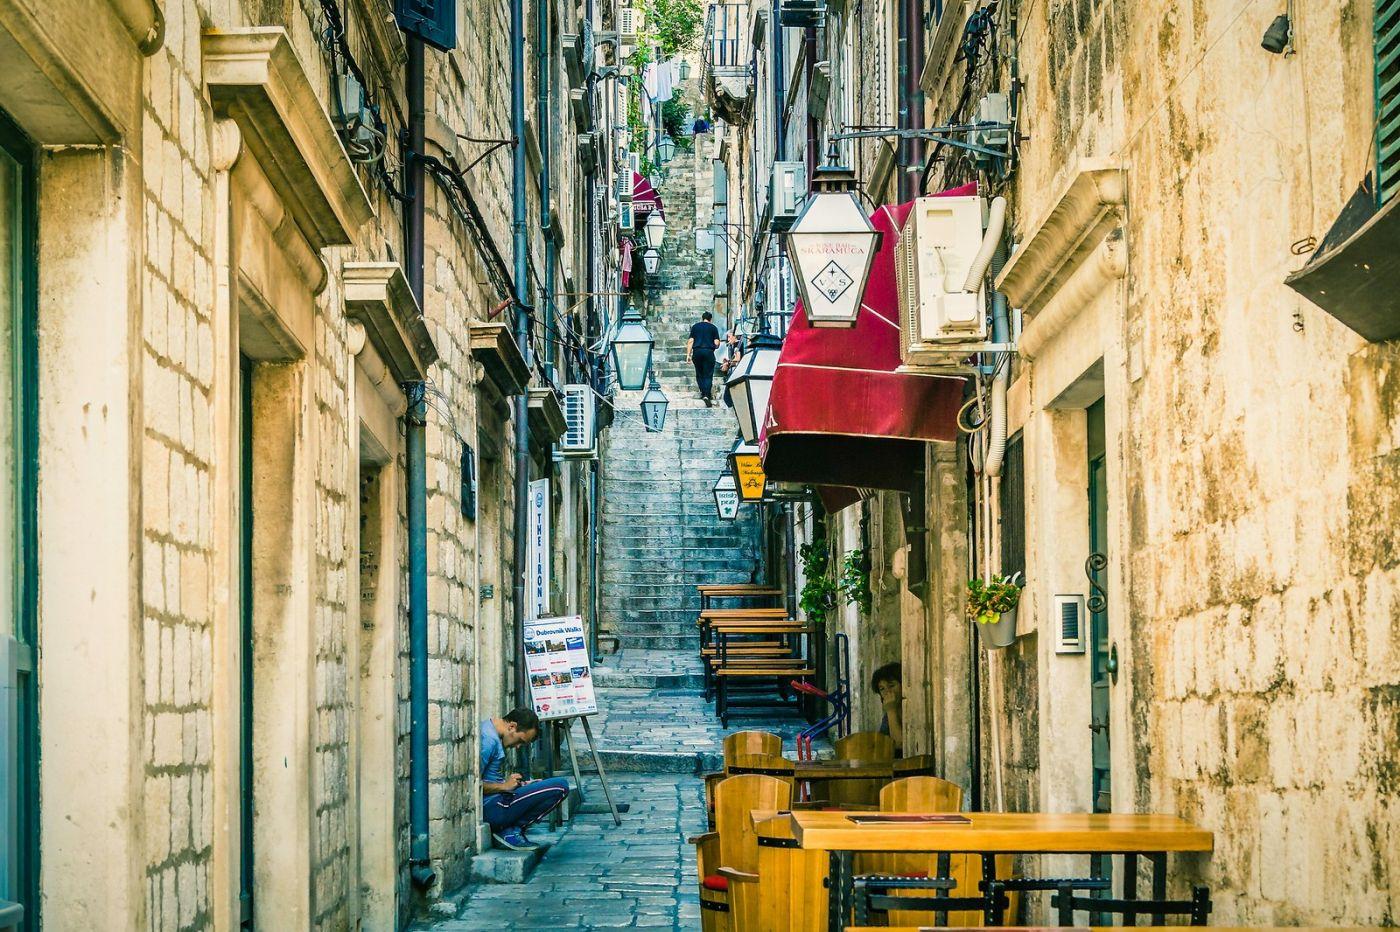 克罗地亚杜布罗夫尼克(Dubrovnik),古城小巷_图1-1